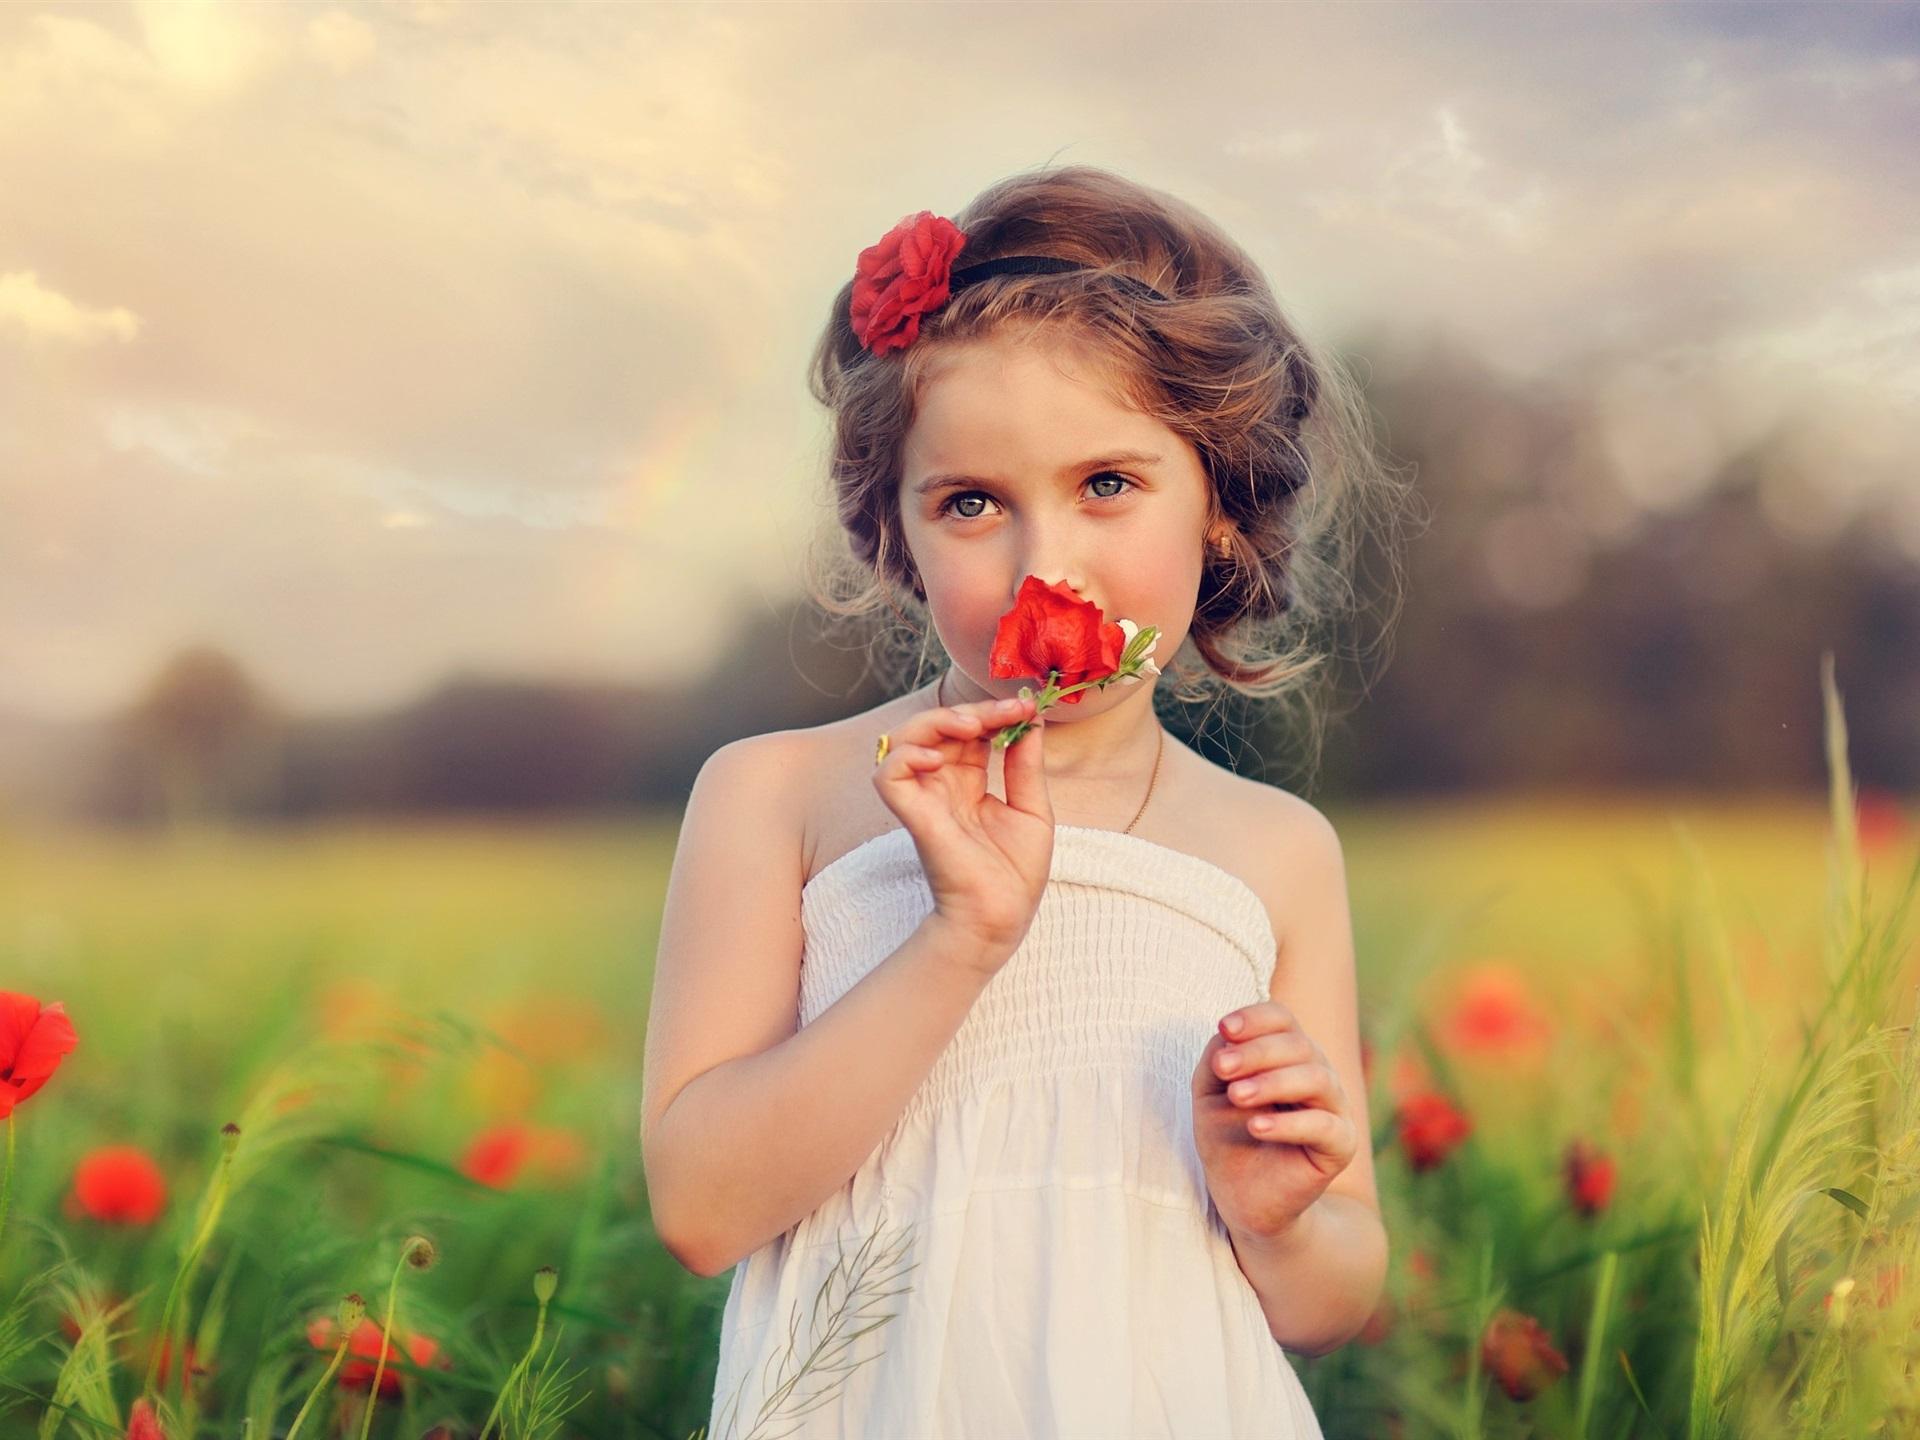 Hintergrundbilder beschreibung: kind, schönes mädchen, blumen